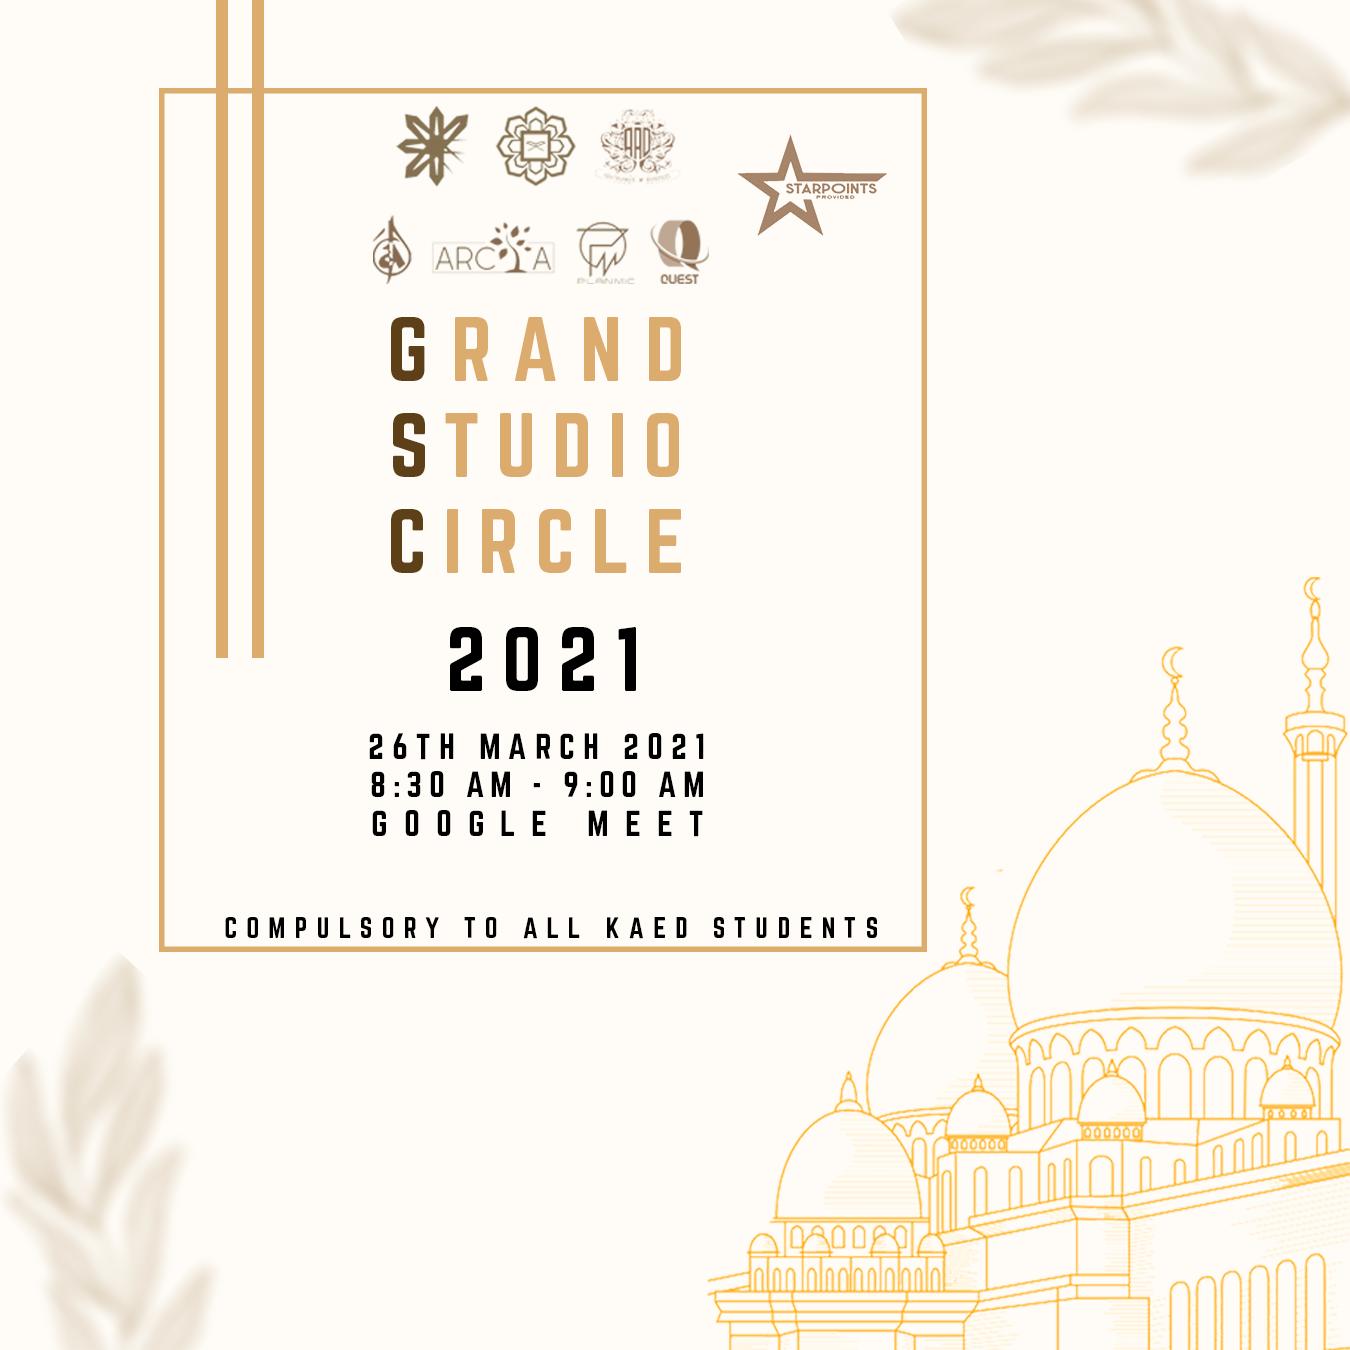 Grand Studio Circle 2021